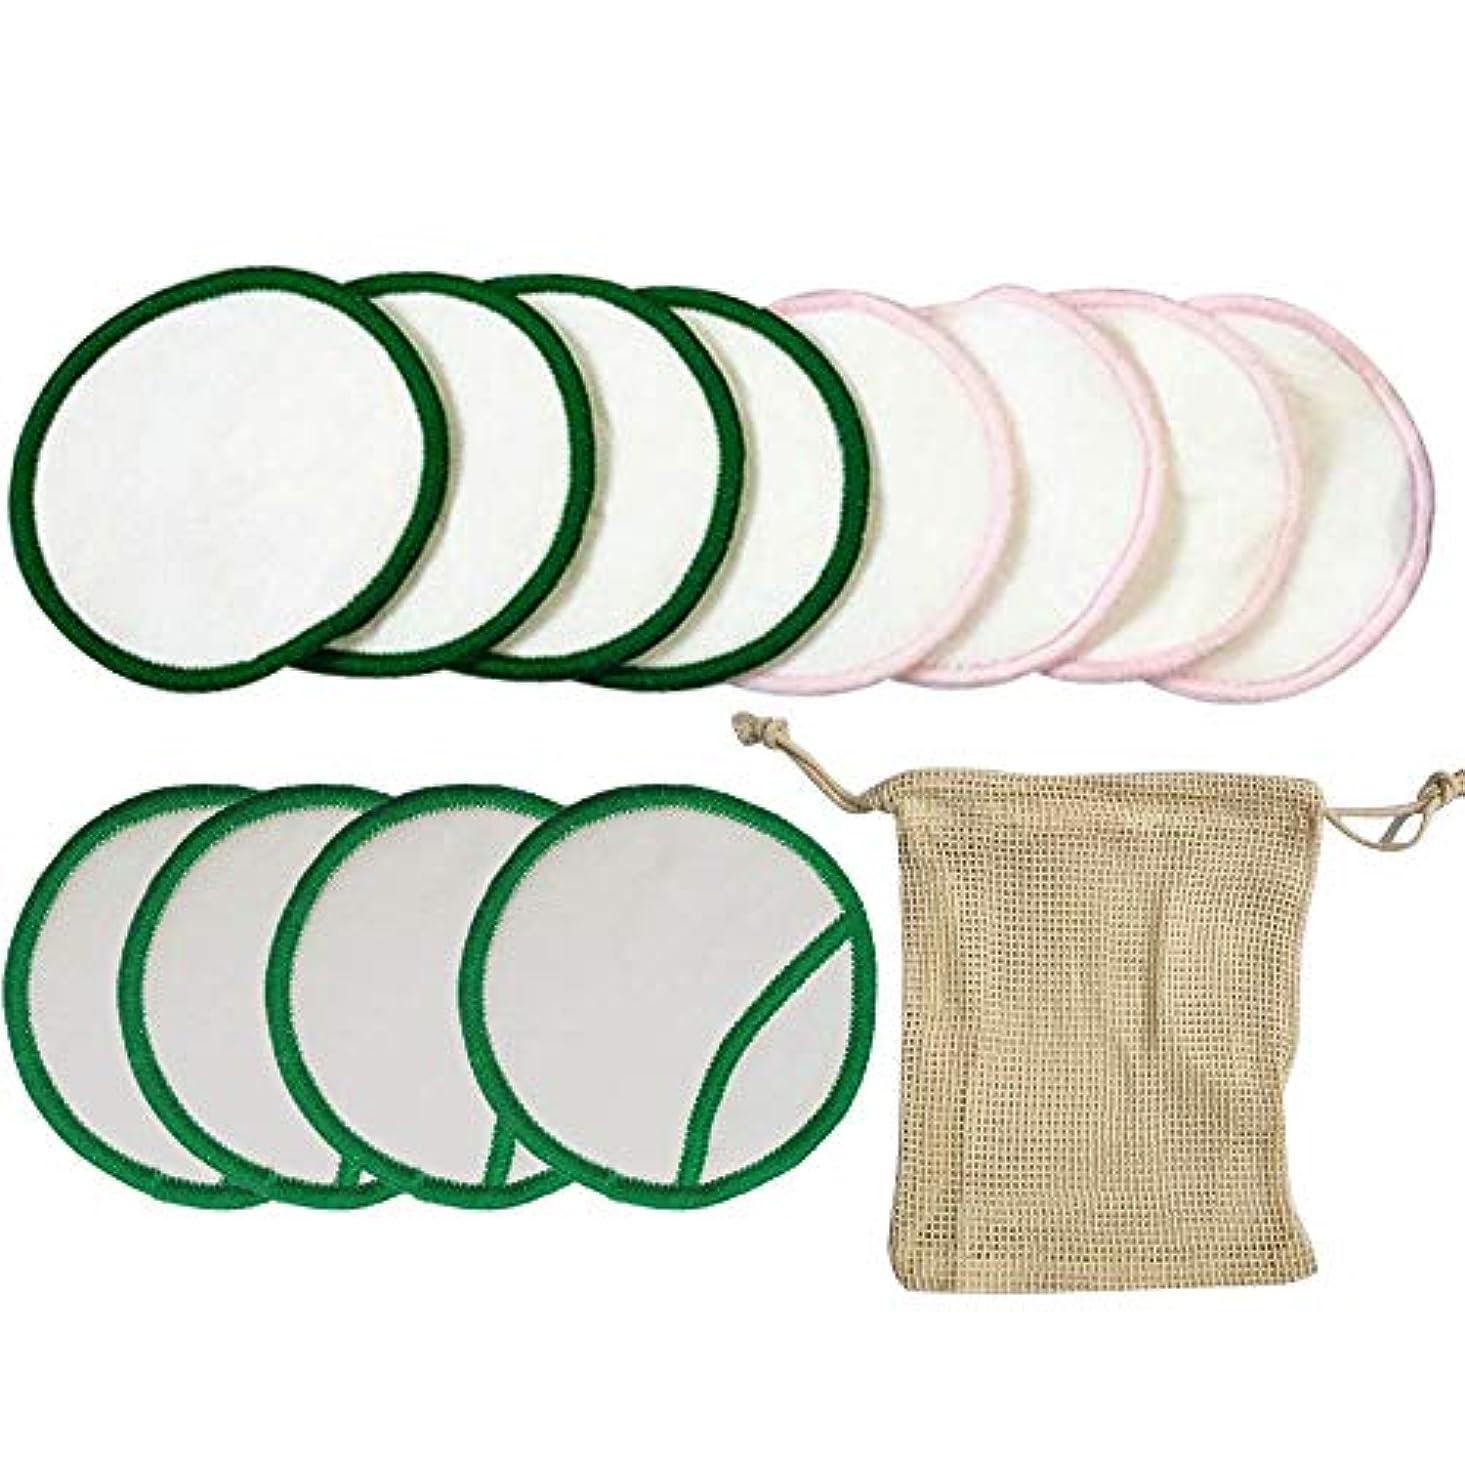 沿って食器棚感度12pcsメイクアップリムーバーパッド再利用可能な洗濯可能な3層竹フェイシャルクレンジングコットンワイプスキンケア用品用収納バッグ付き